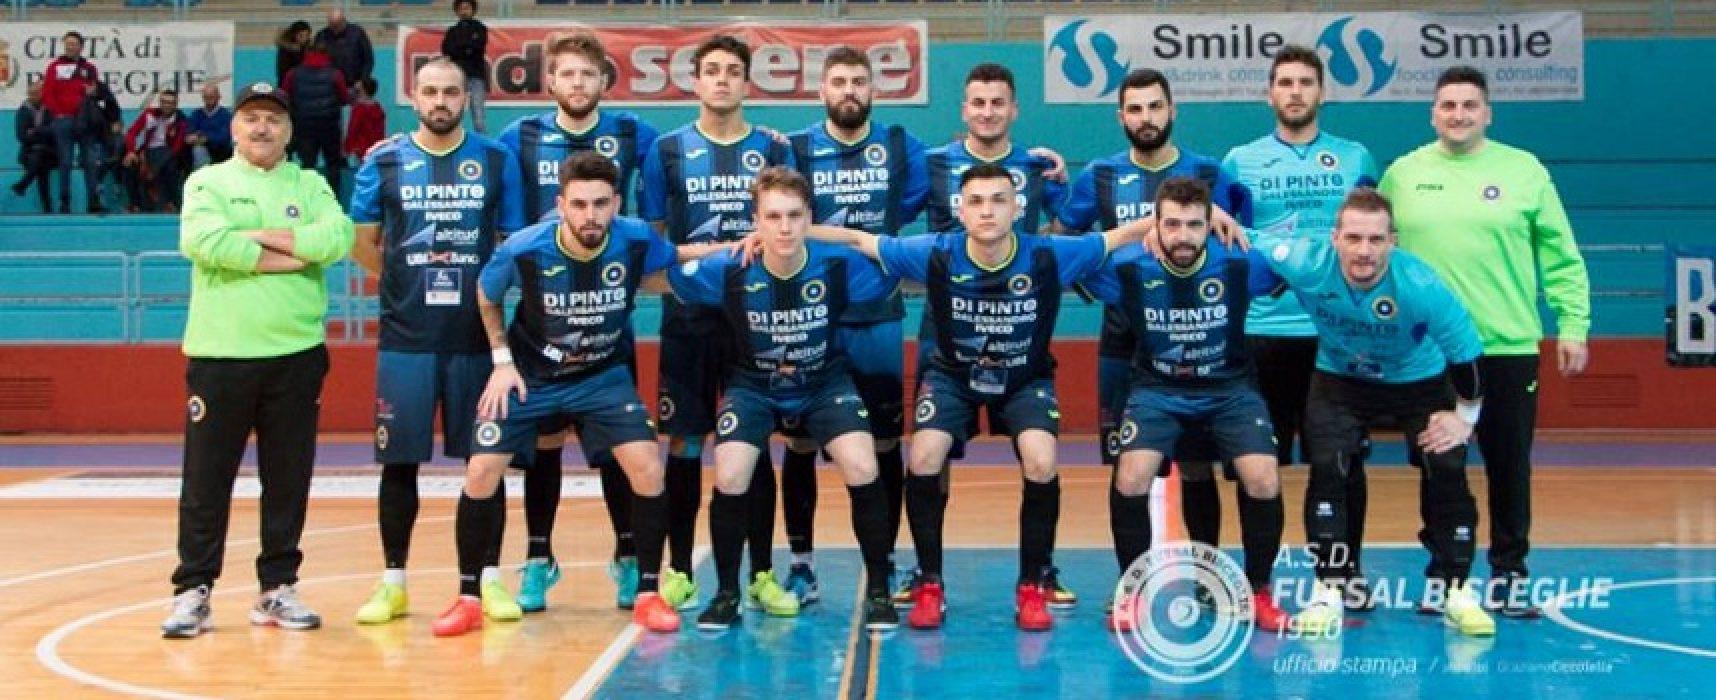 Futsal Bisceglie, pari a Barletta e fuori dai playoff